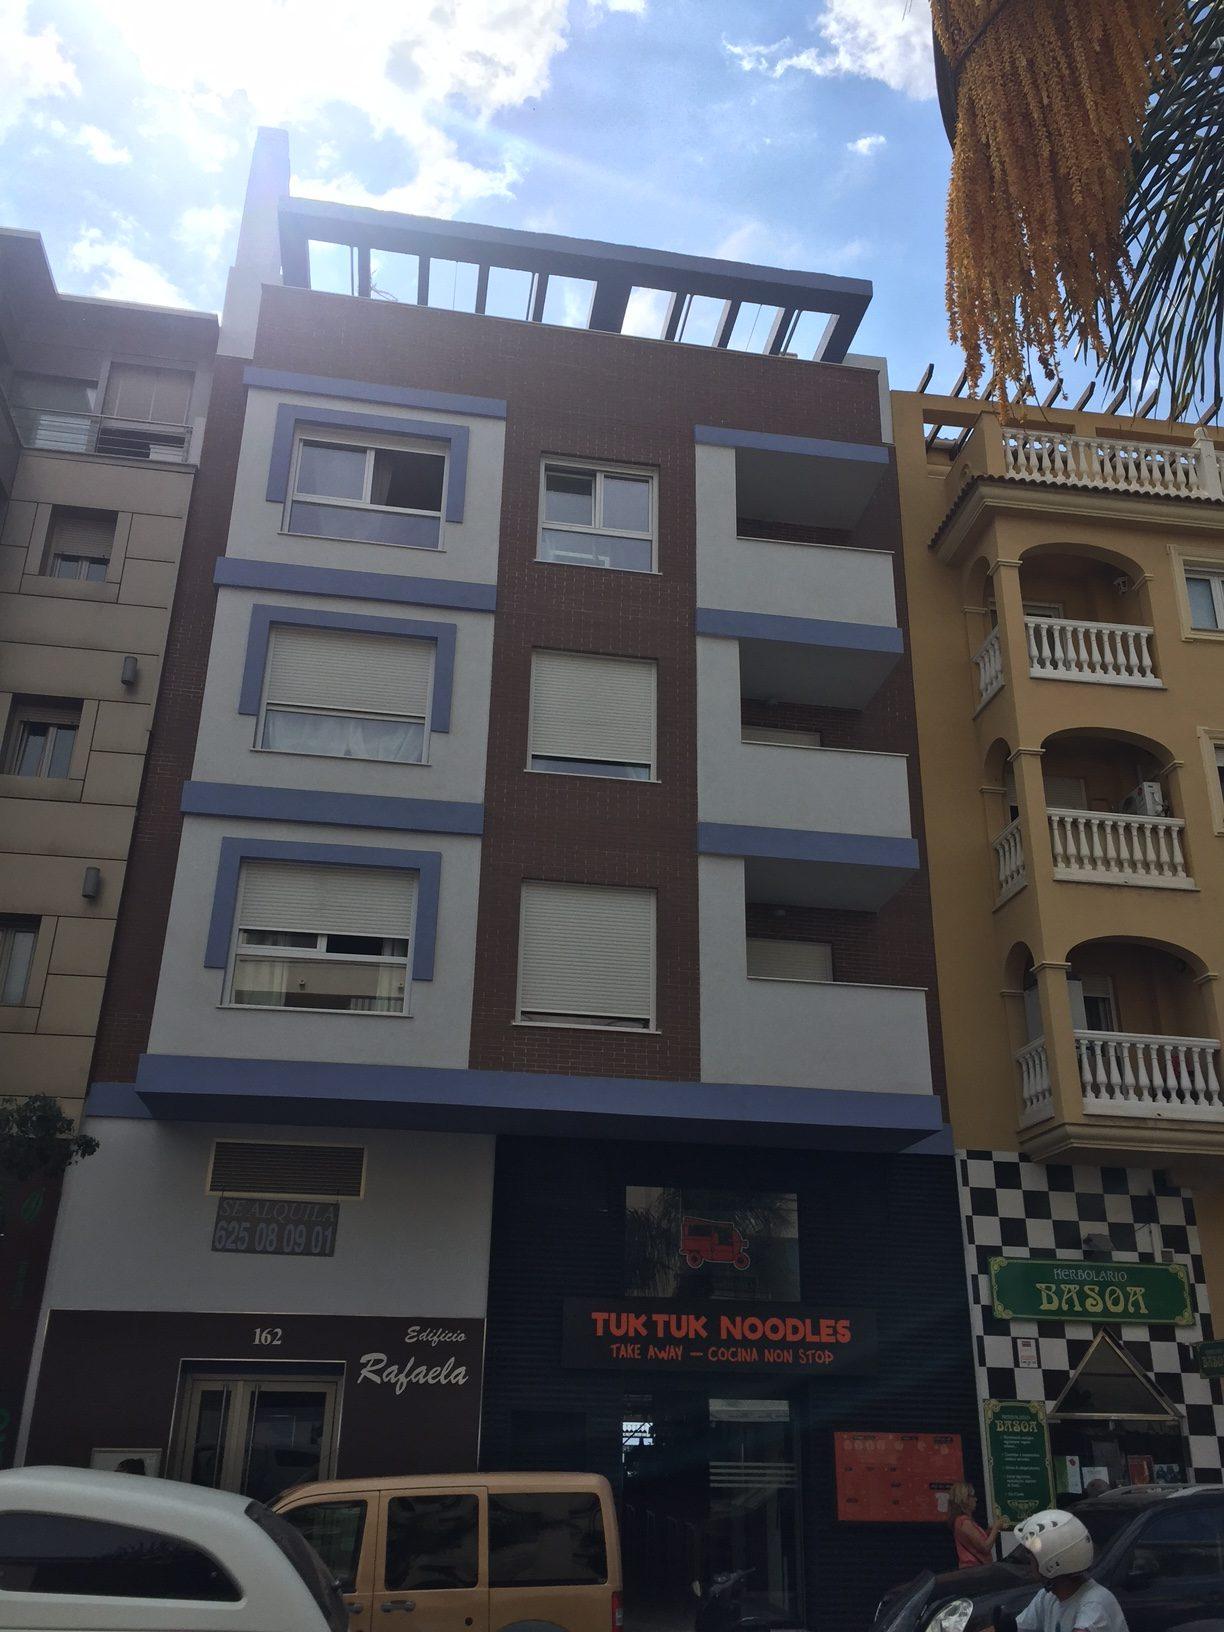 Instalación de ventanas de PVC en edificio de viviendas